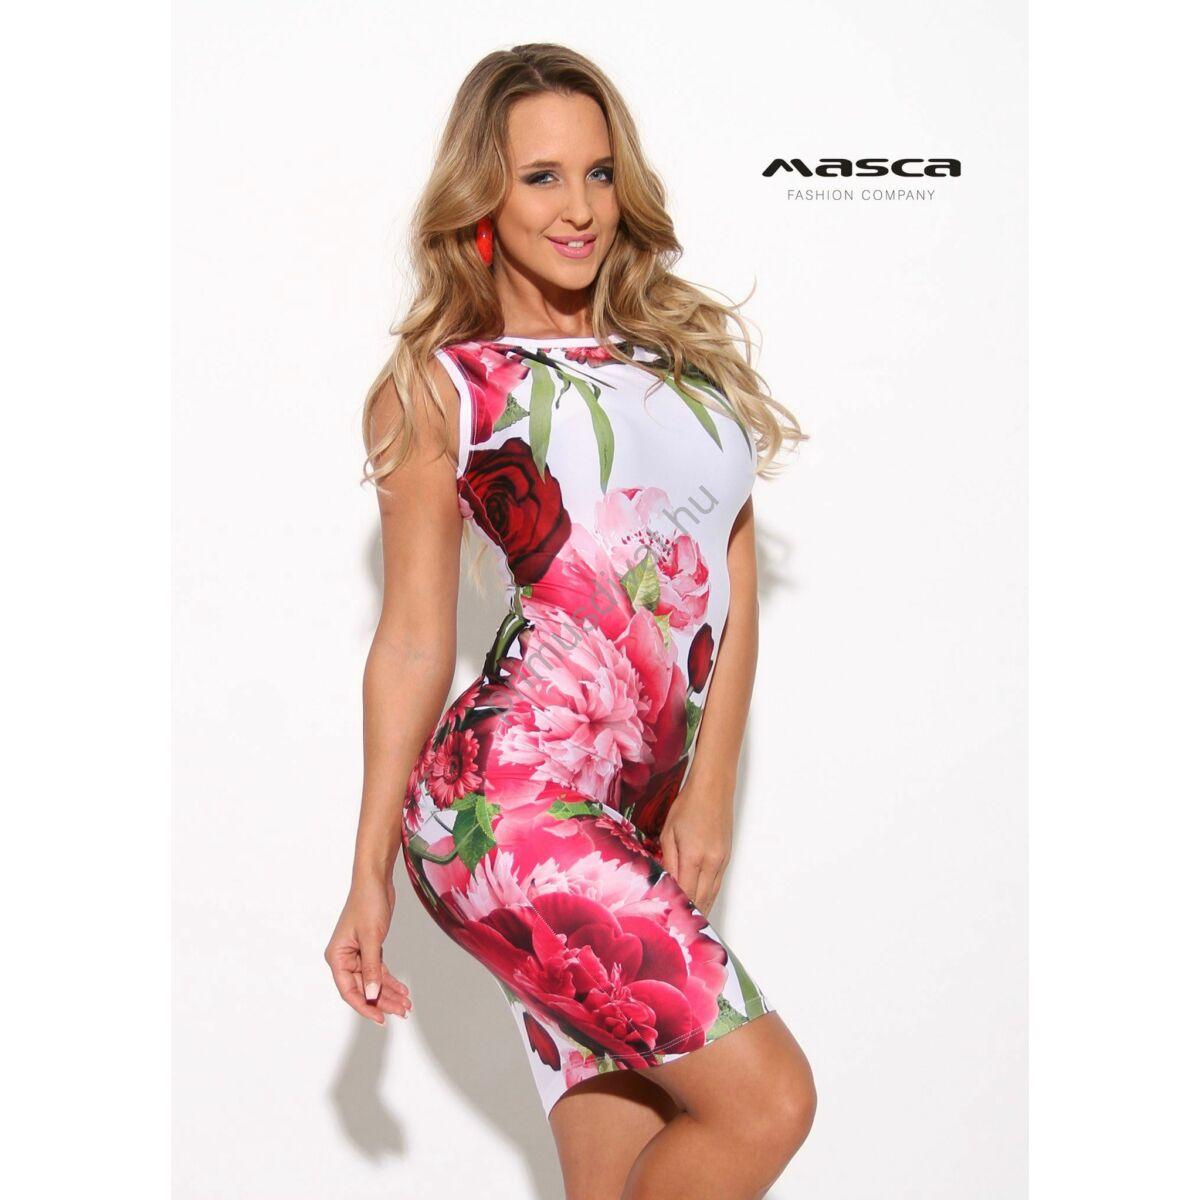 639aa2bd8681 Kép 1/1 - Masca Fashion ujjatlan, csónaknyakú piros virágmintás fehér szűk  miniruha